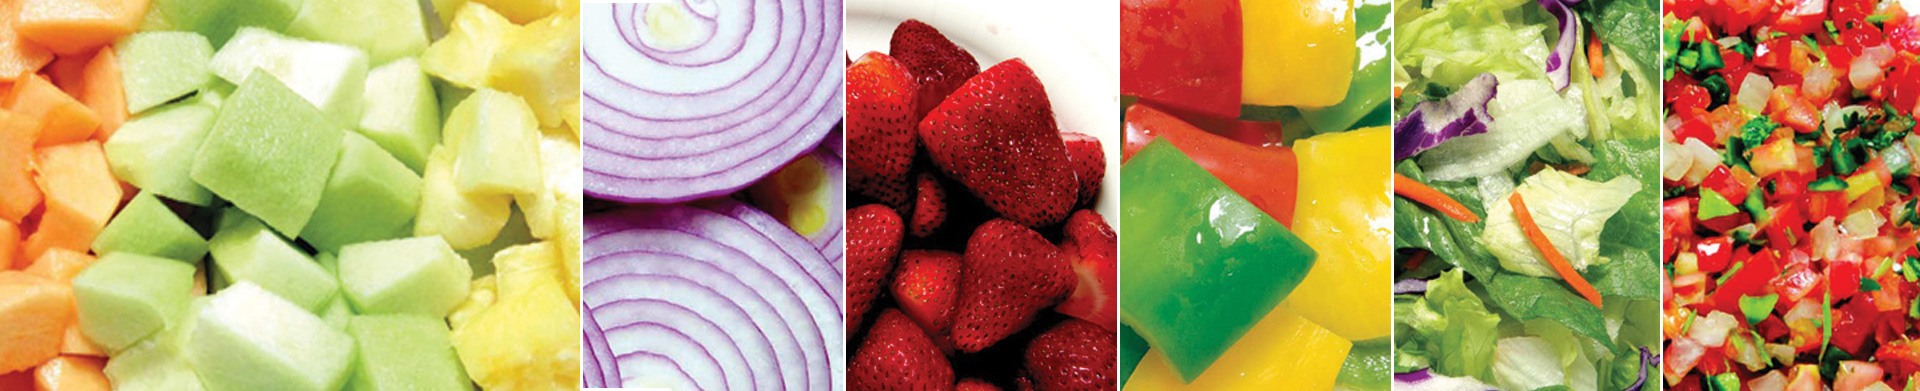 Bix-Produce